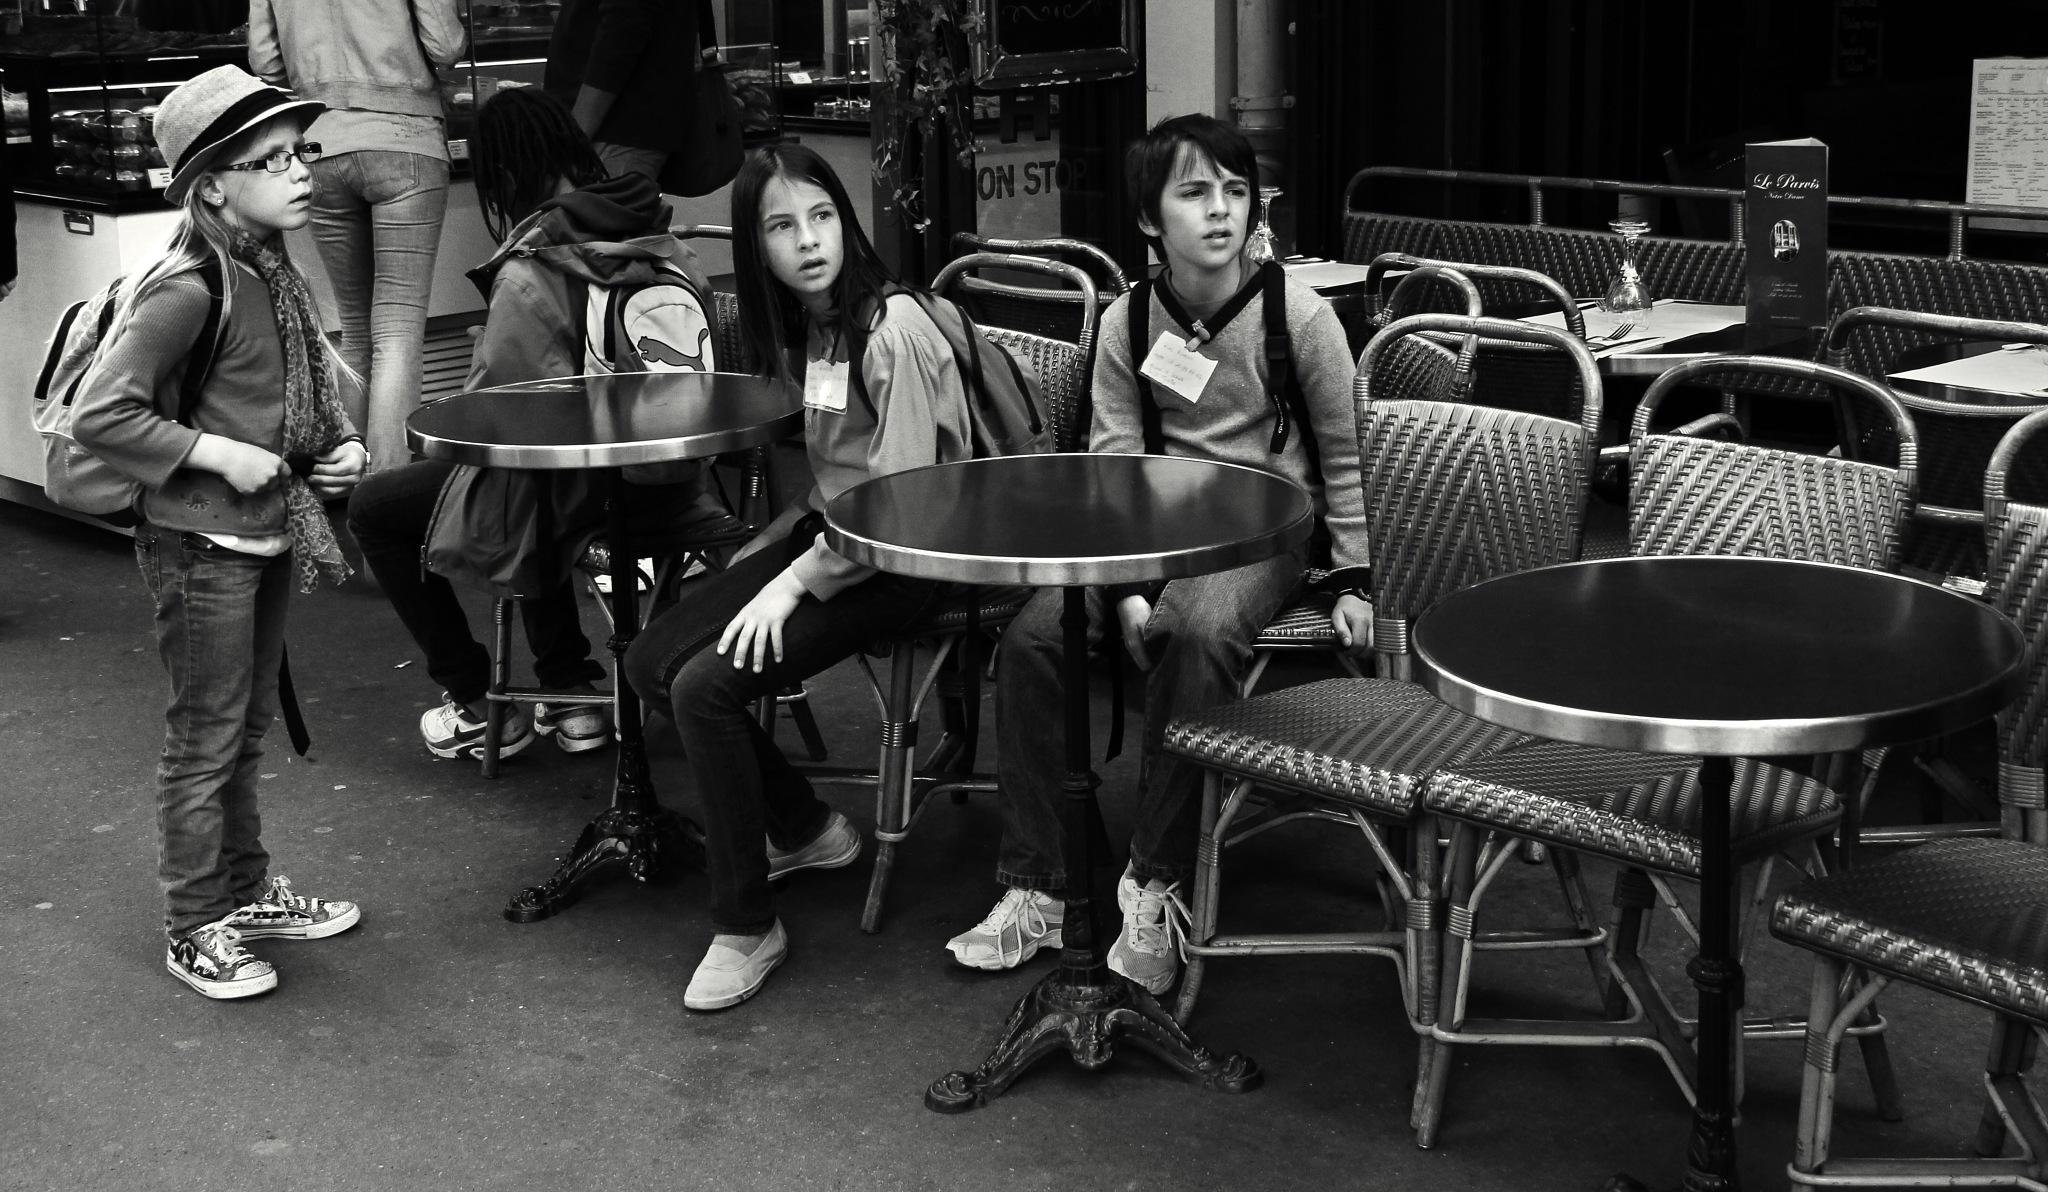 Children in cafe by Сергей Юрьев